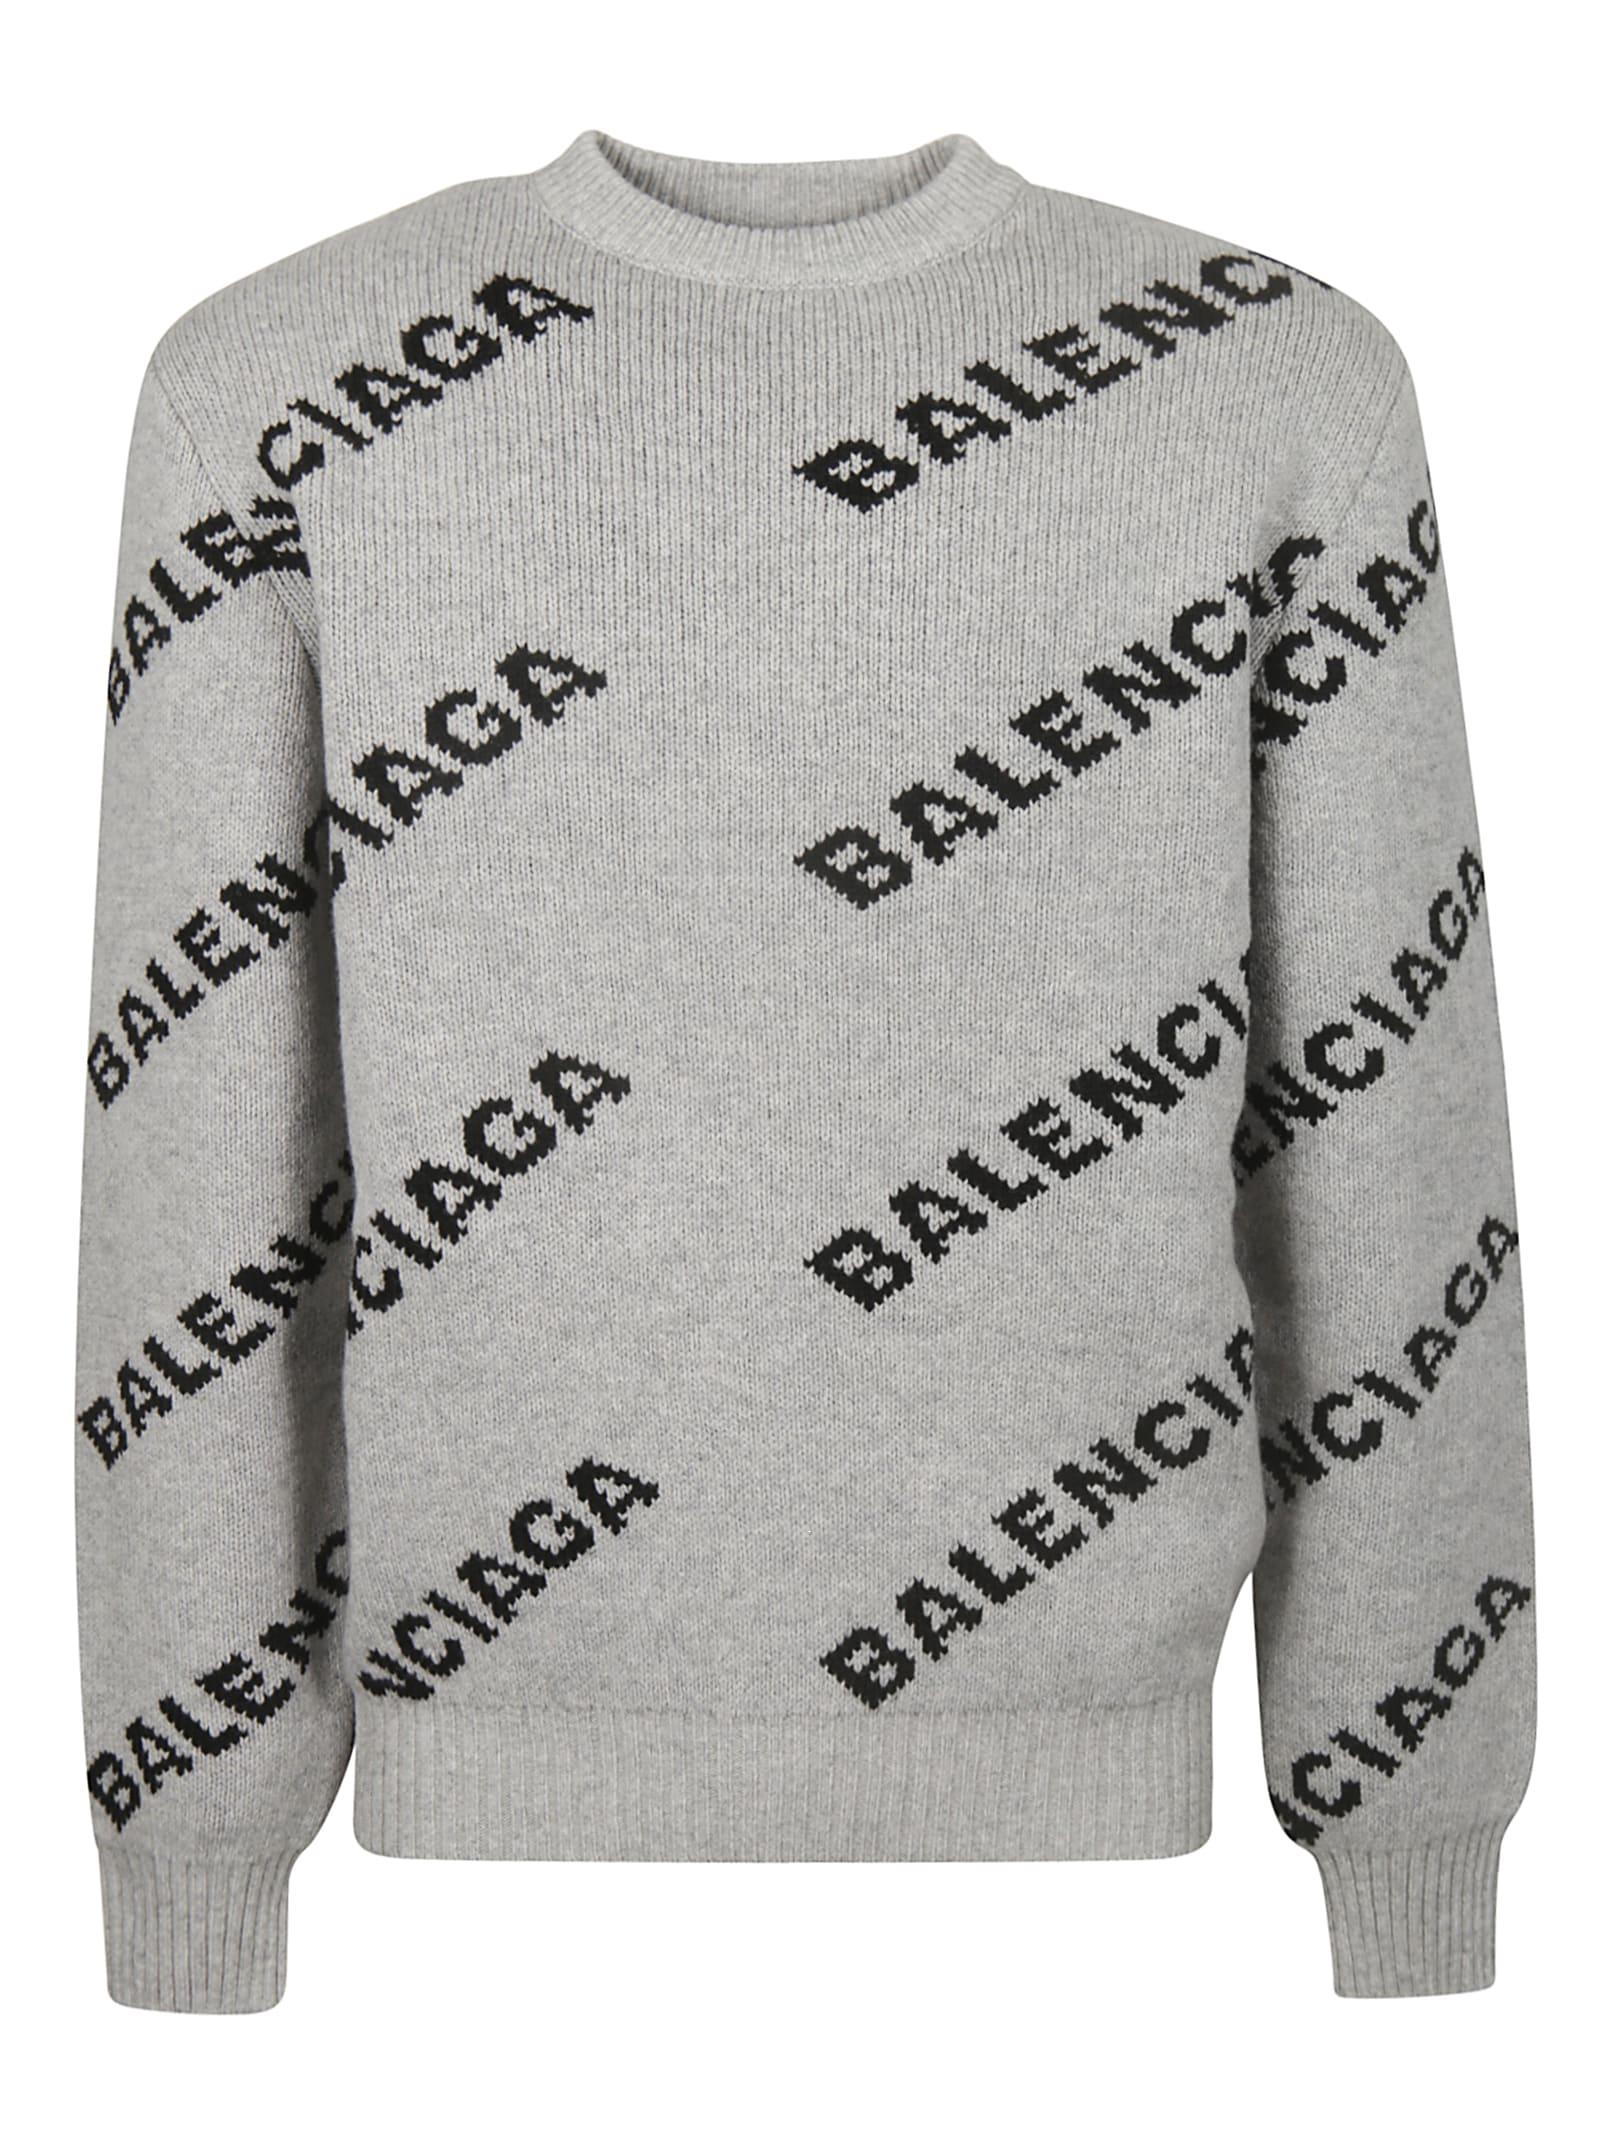 Balenciaga Logo Knit All-over Sweater